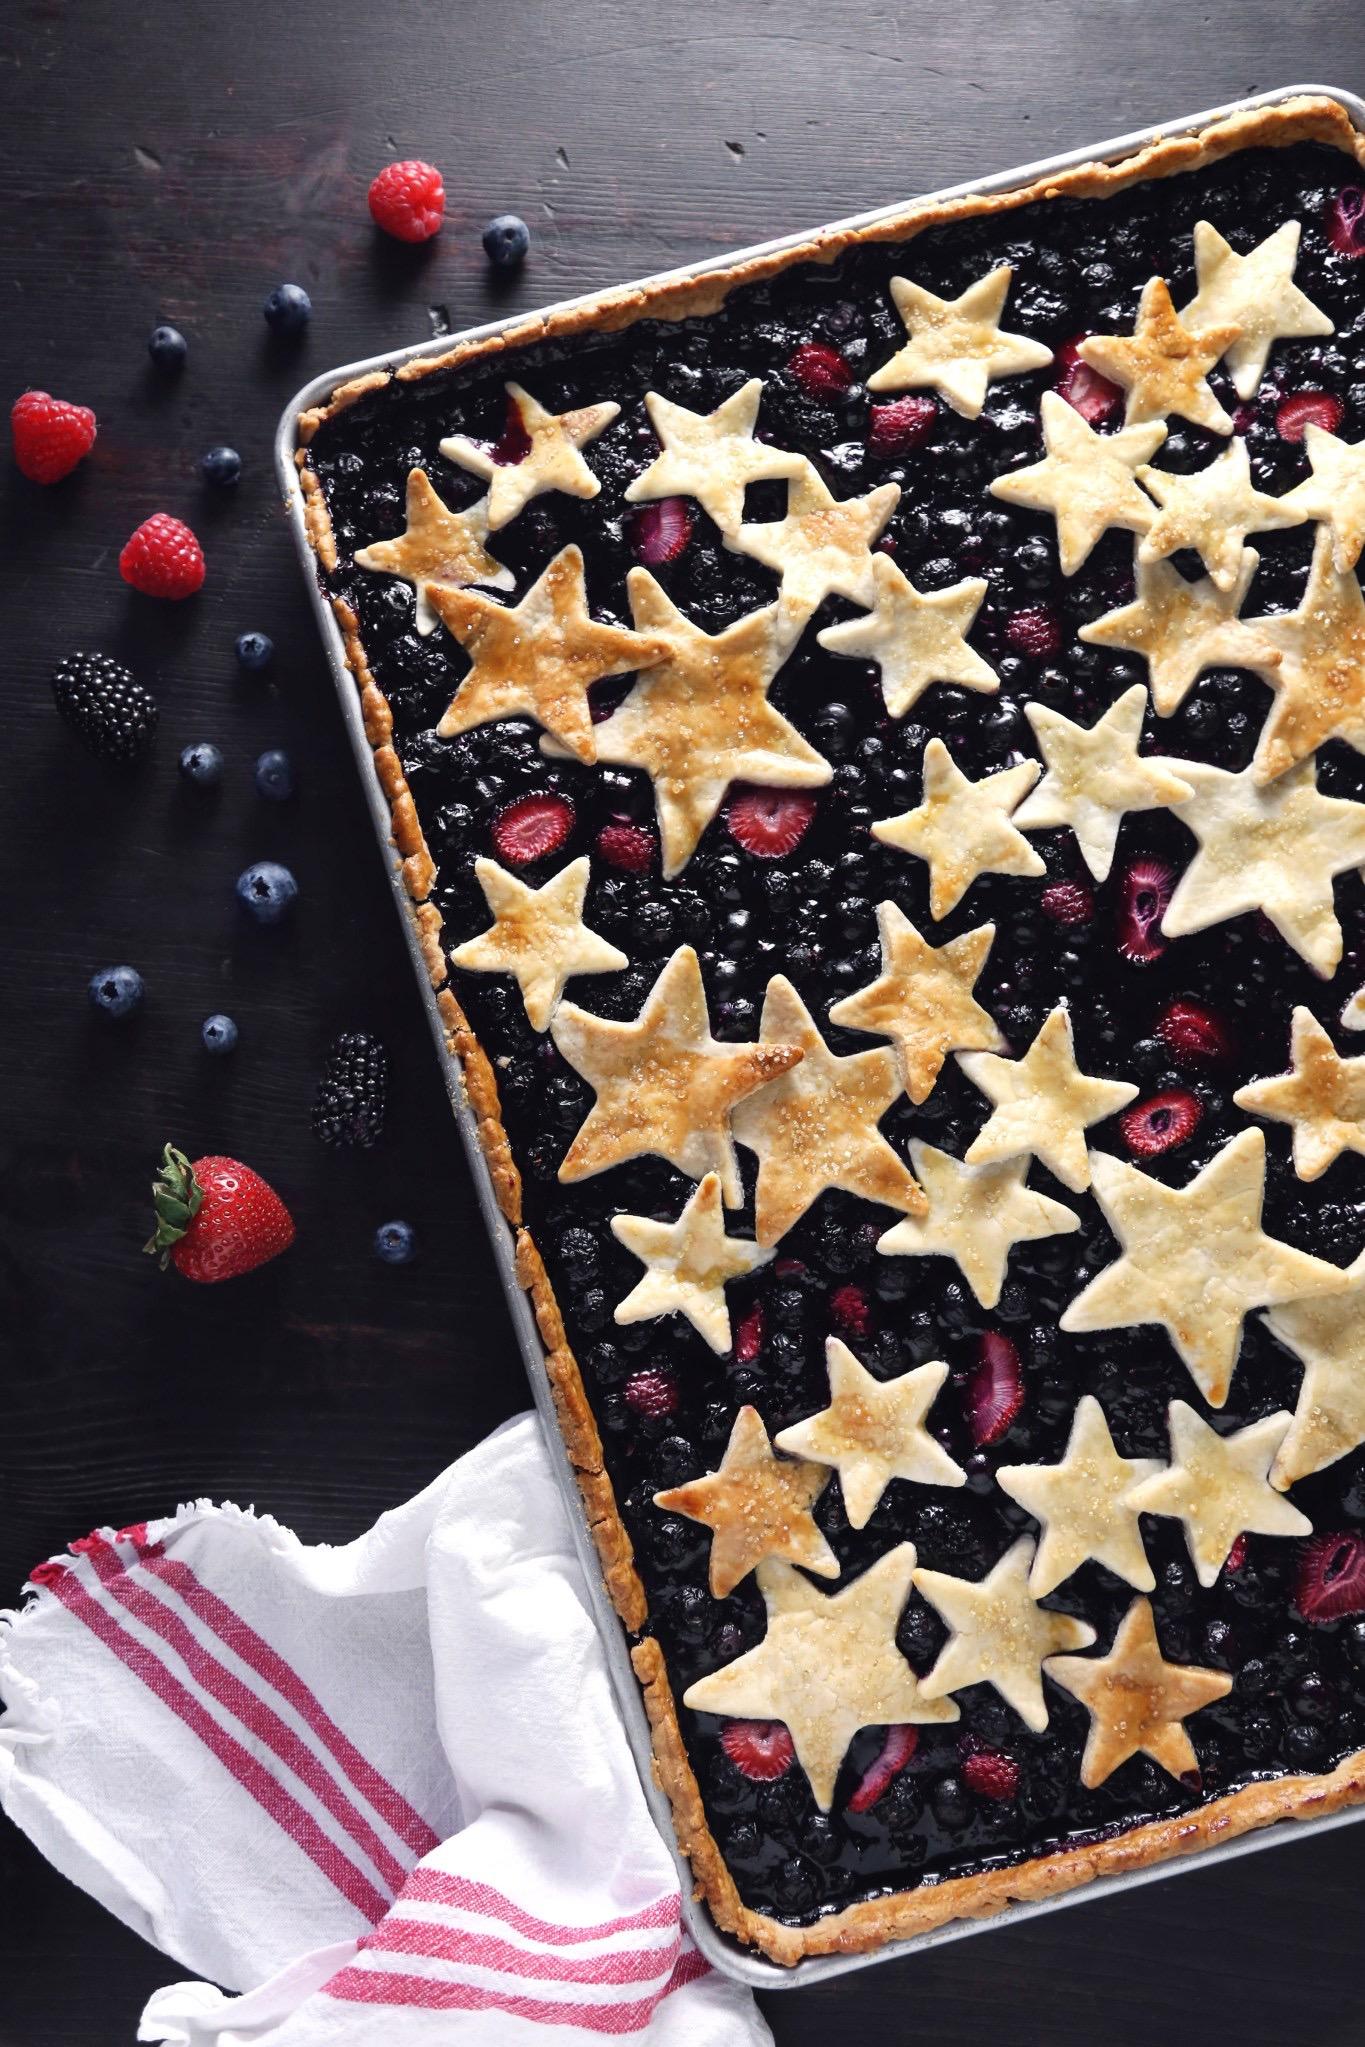 Patriotic Pies - Star Spangeled Slab pie